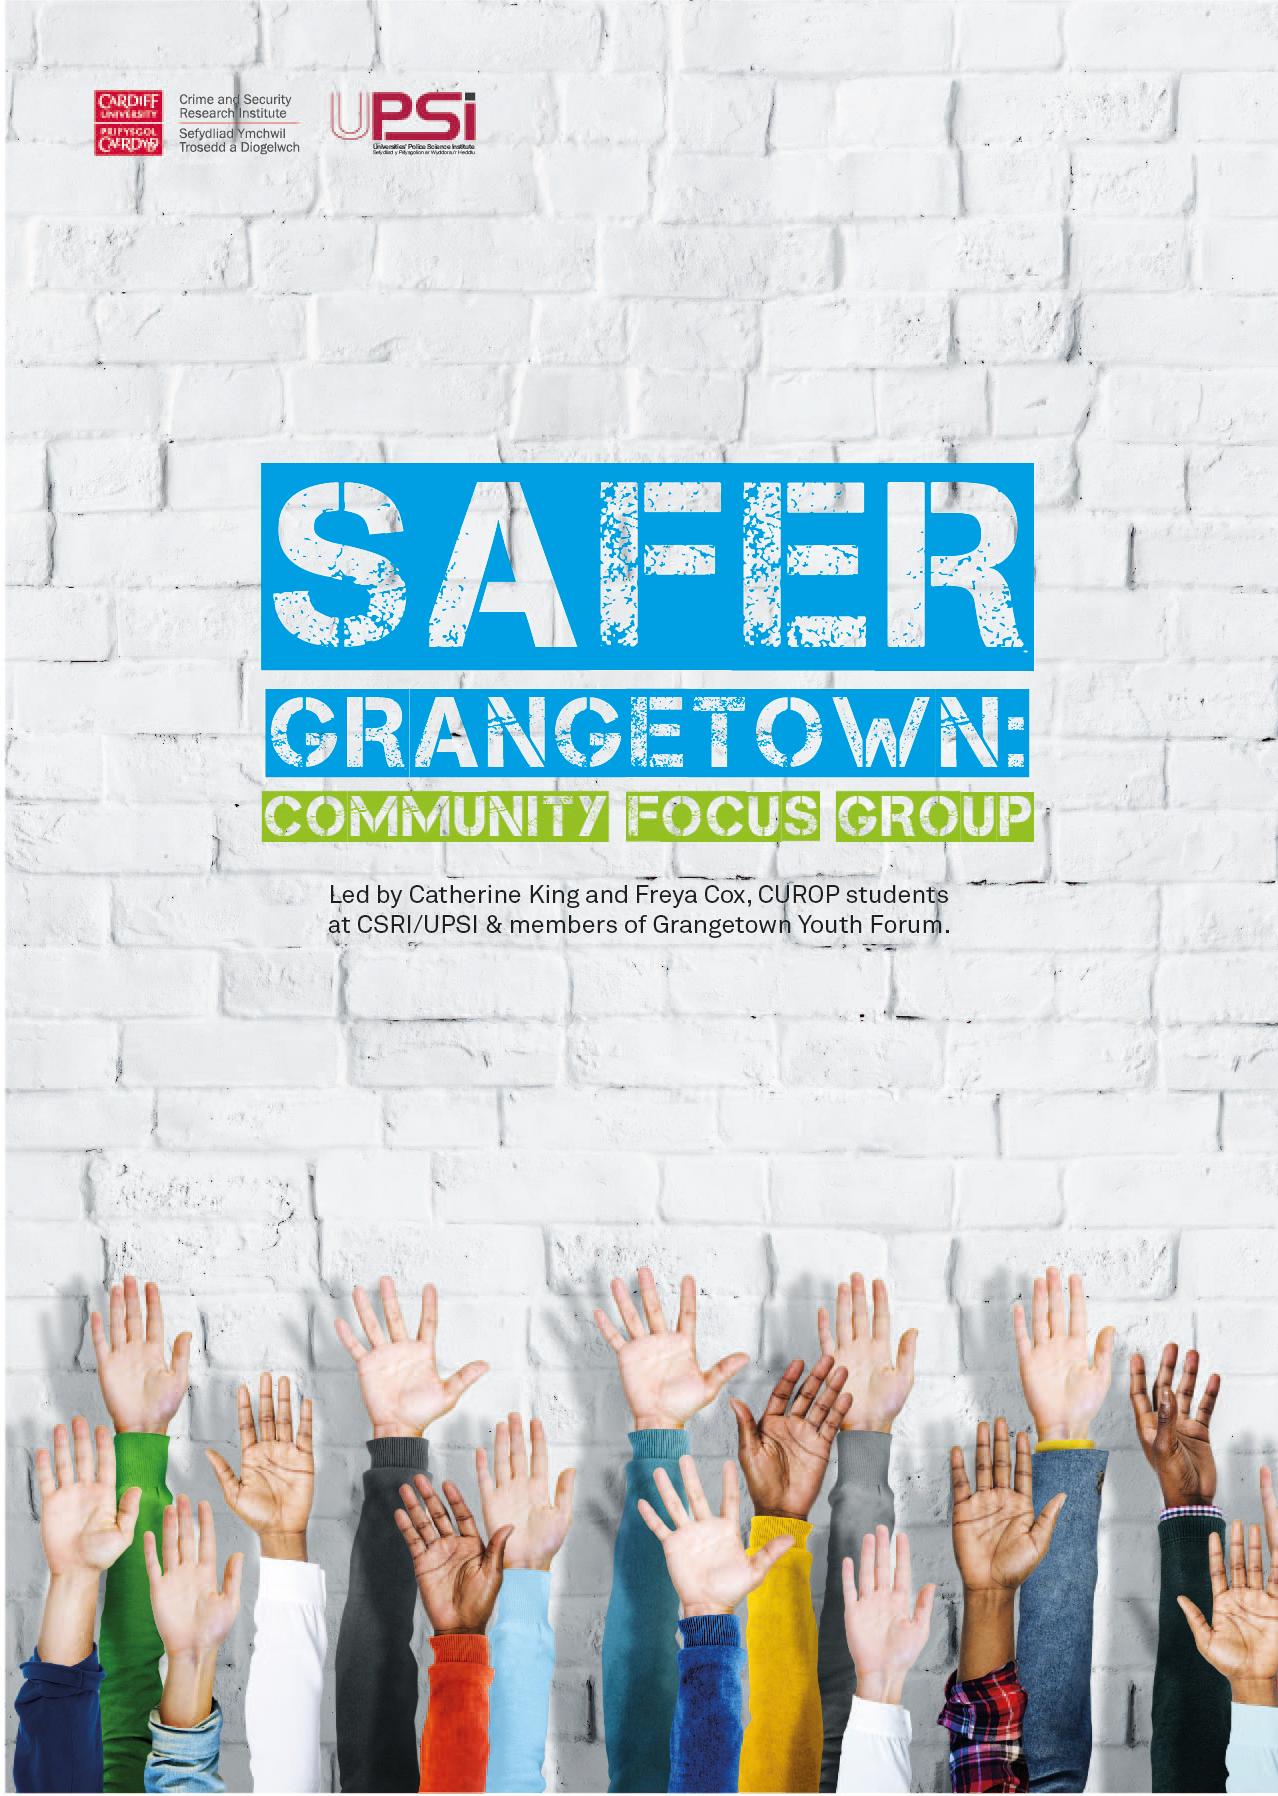 Safer Grangetown: Community Focus Group